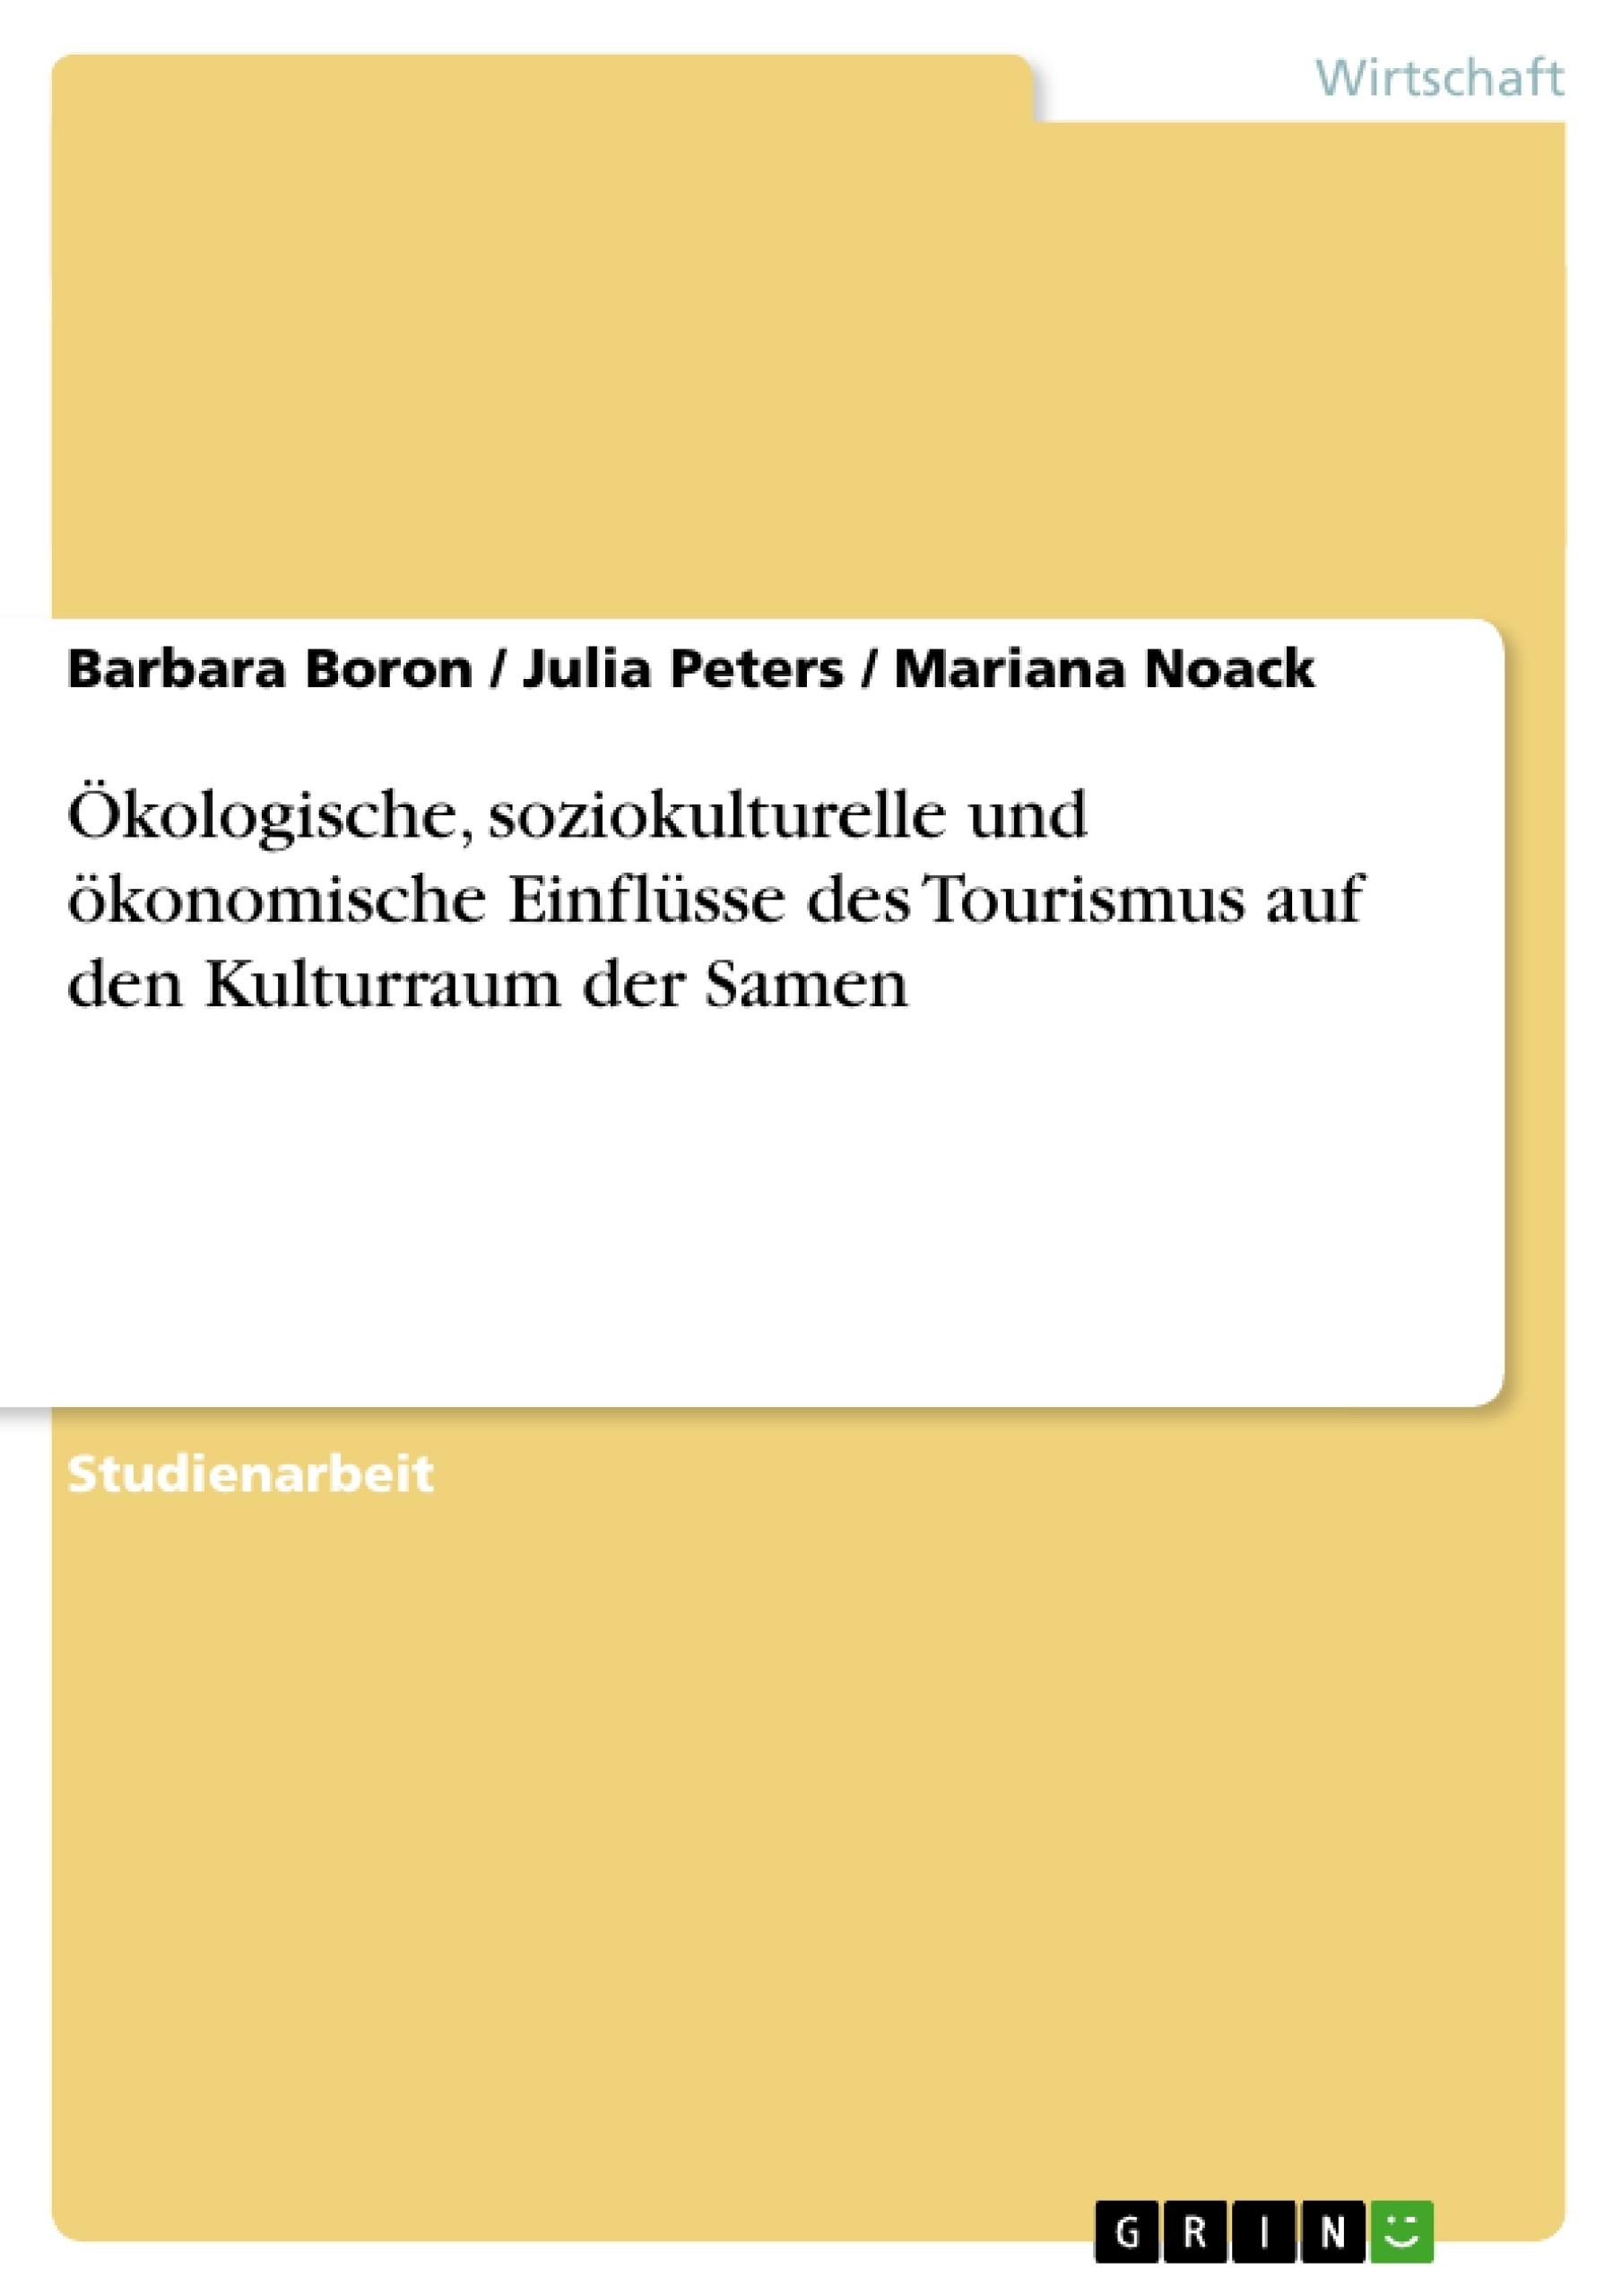 Titel: Ökologische, soziokulturelle und ökonomische Einflüsse des Tourismus auf den Kulturraum der Samen